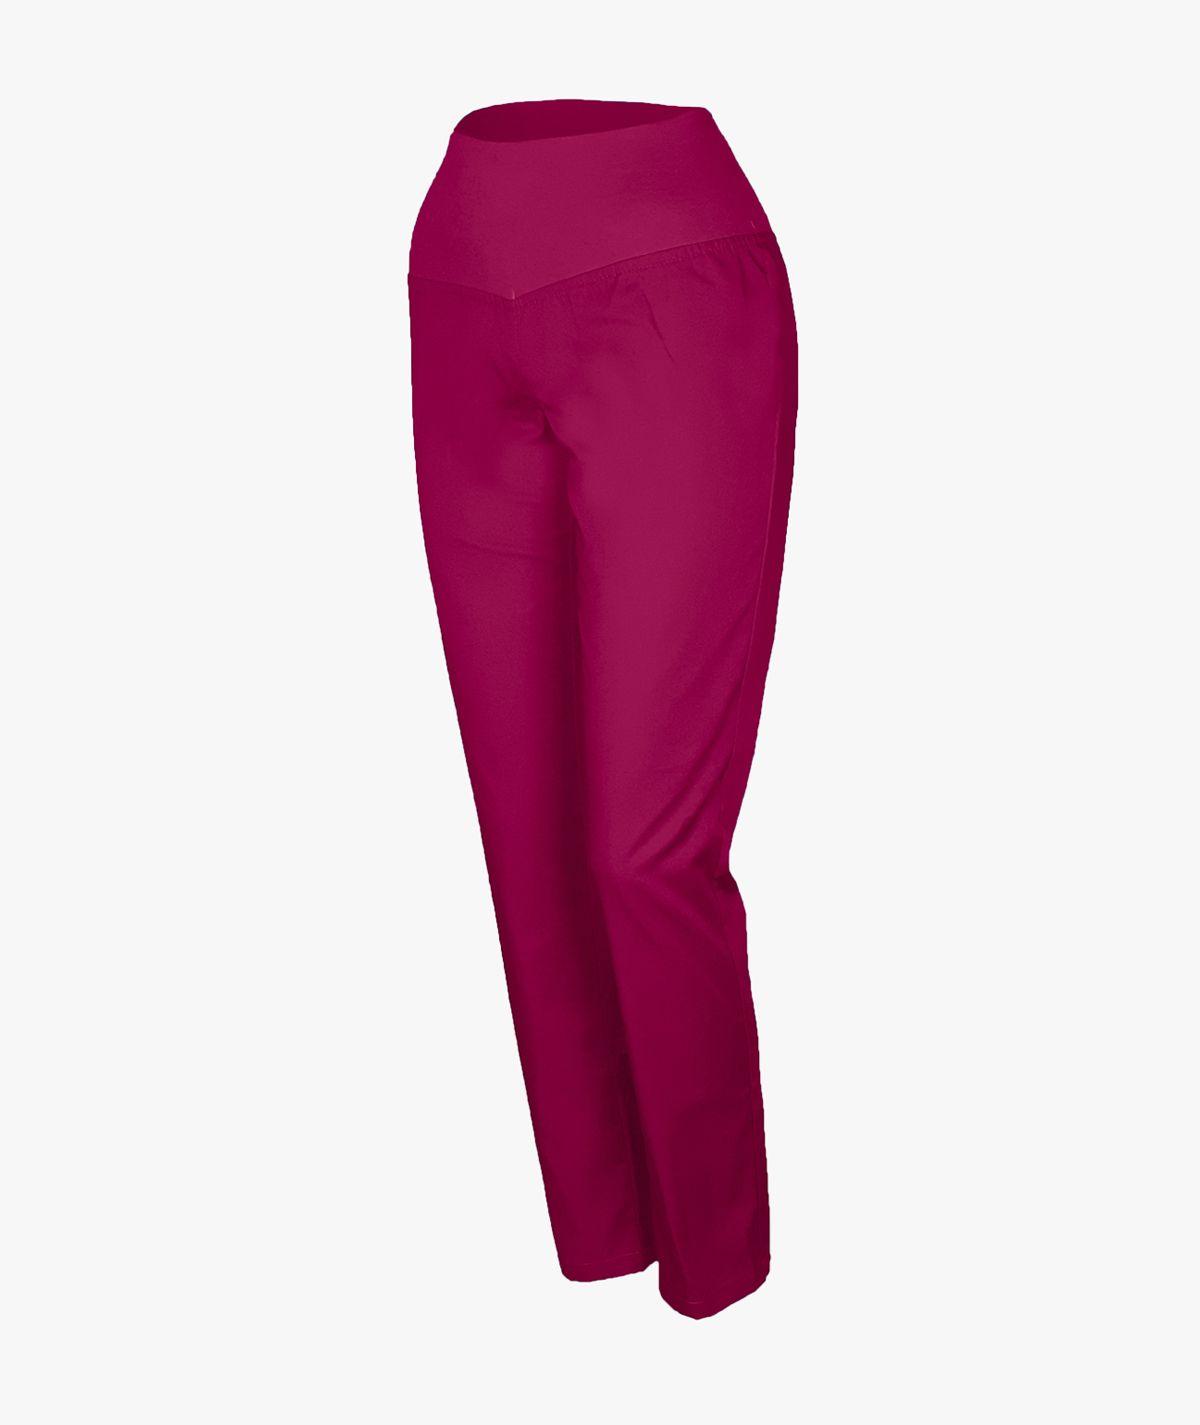 Malinowe spodnie medyczne ze ściągaczem